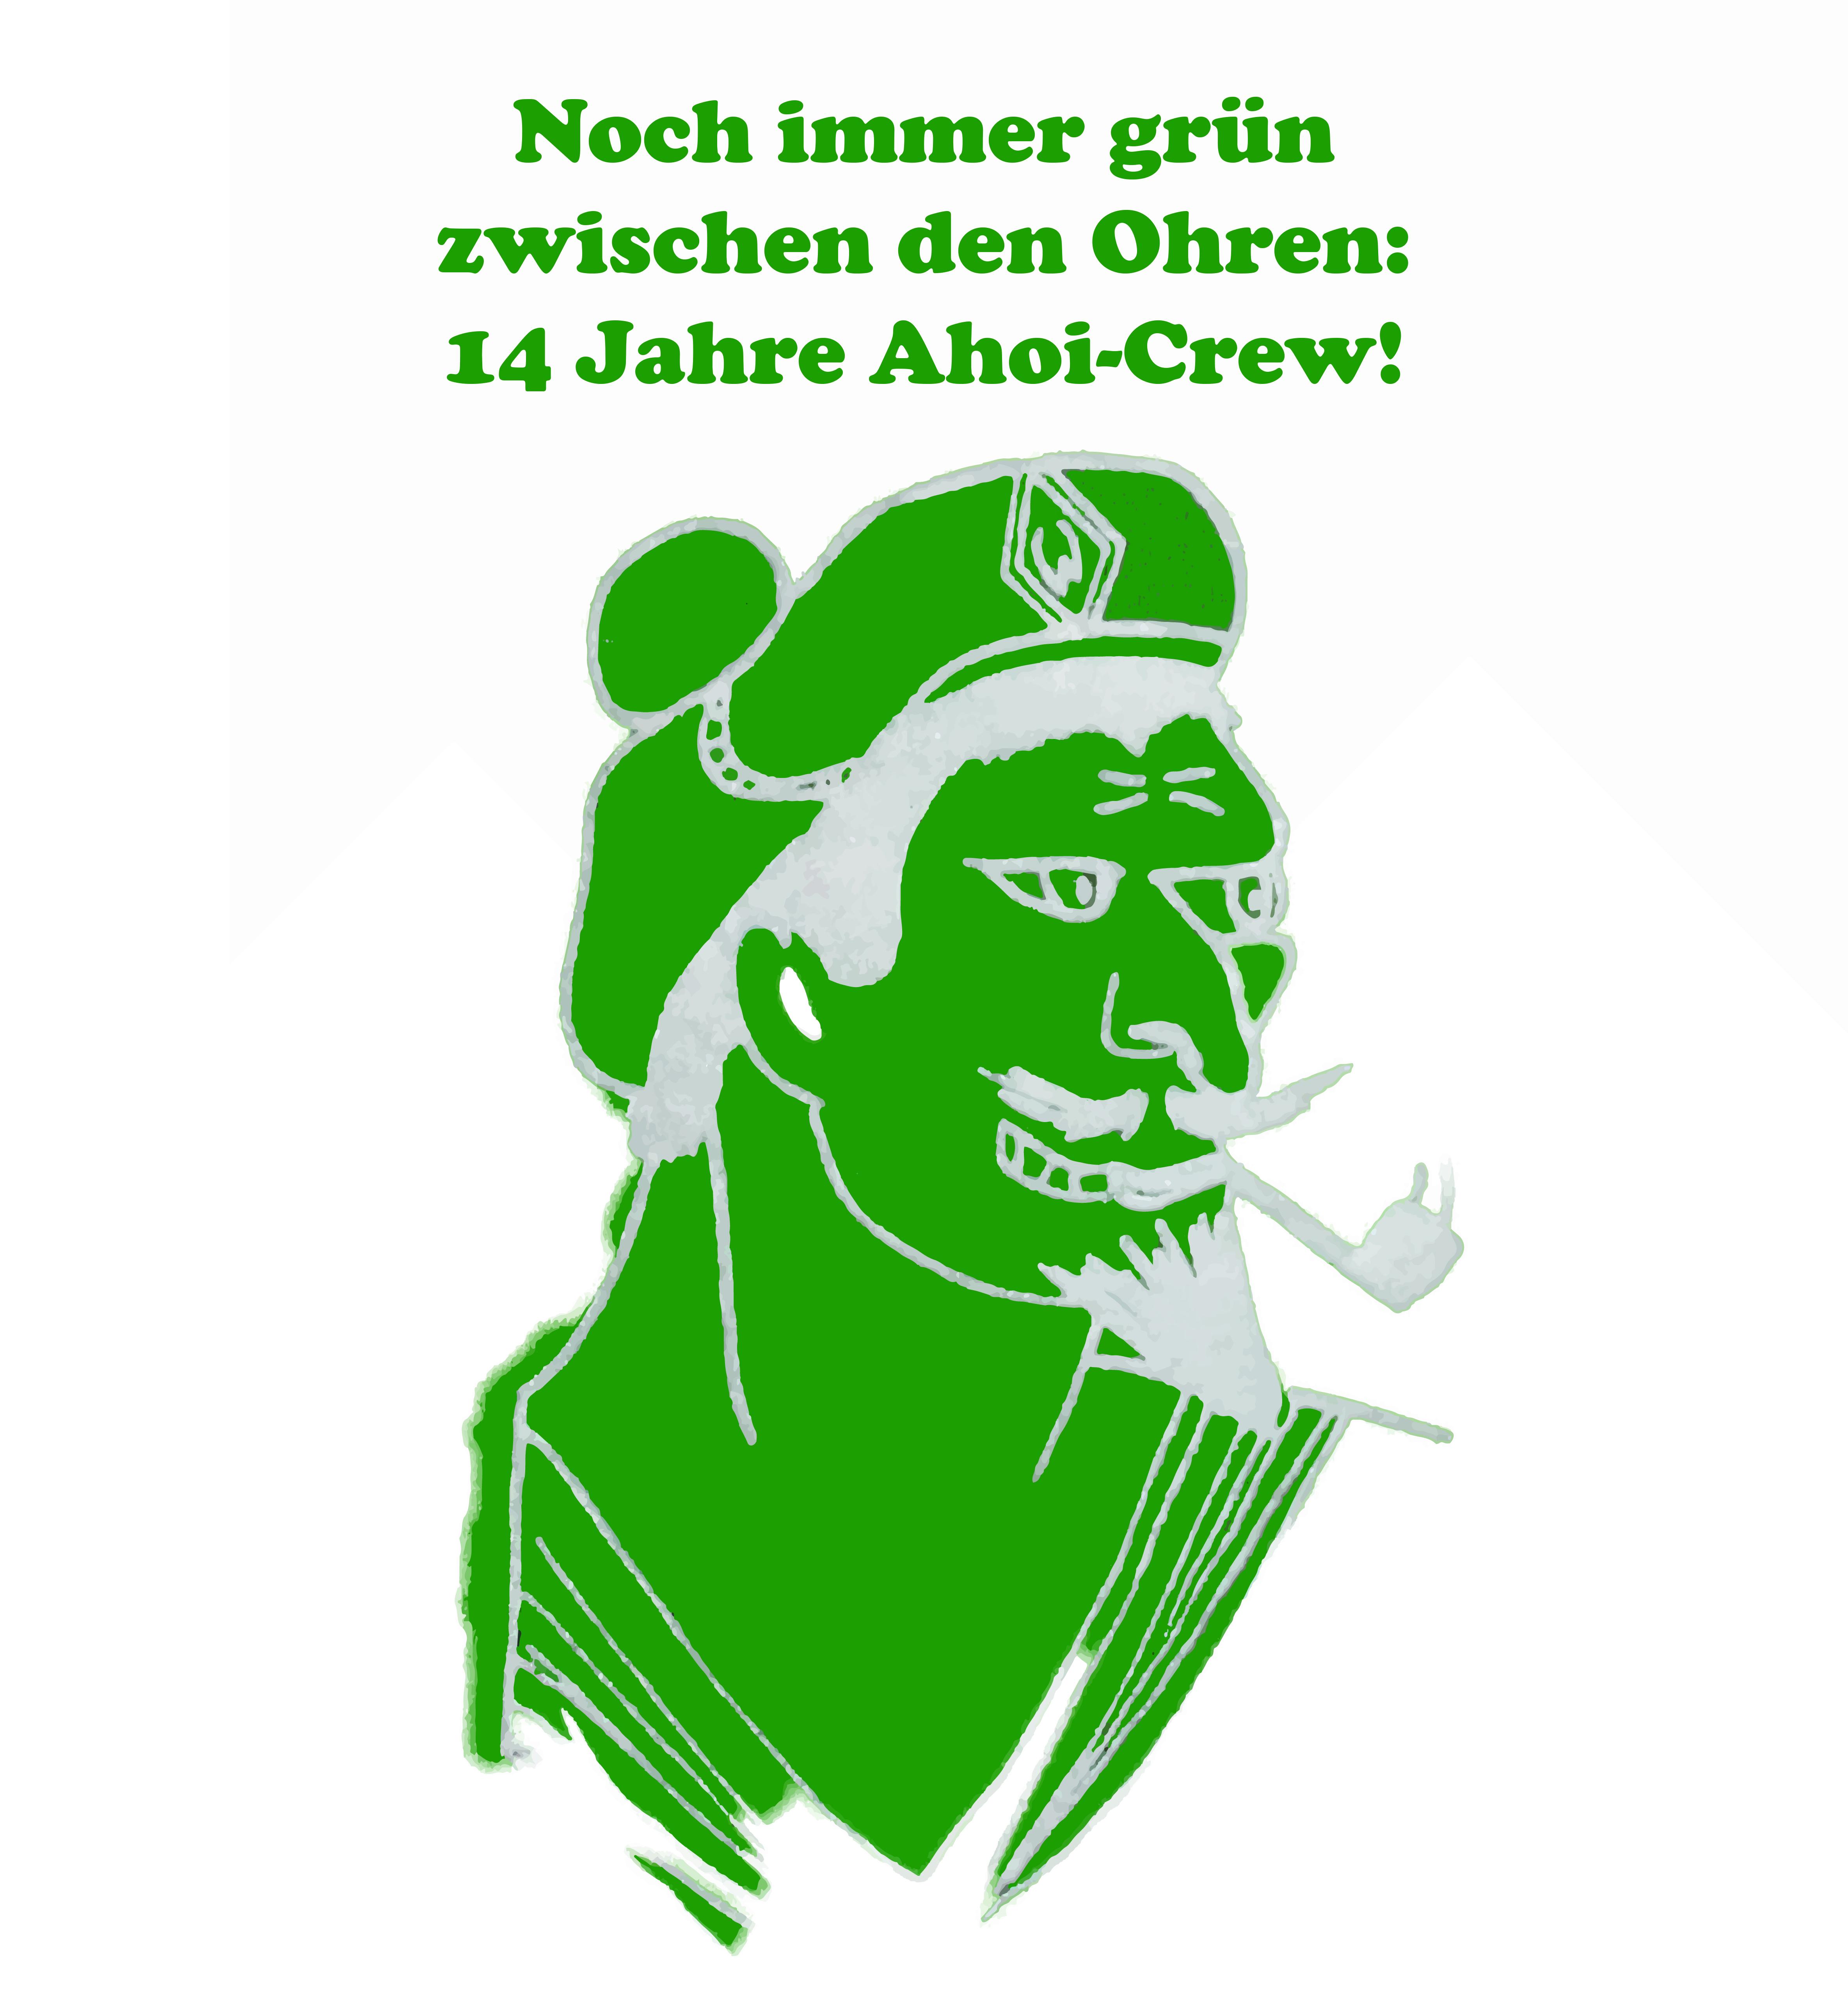 14 Jahre Ahoi-Crew